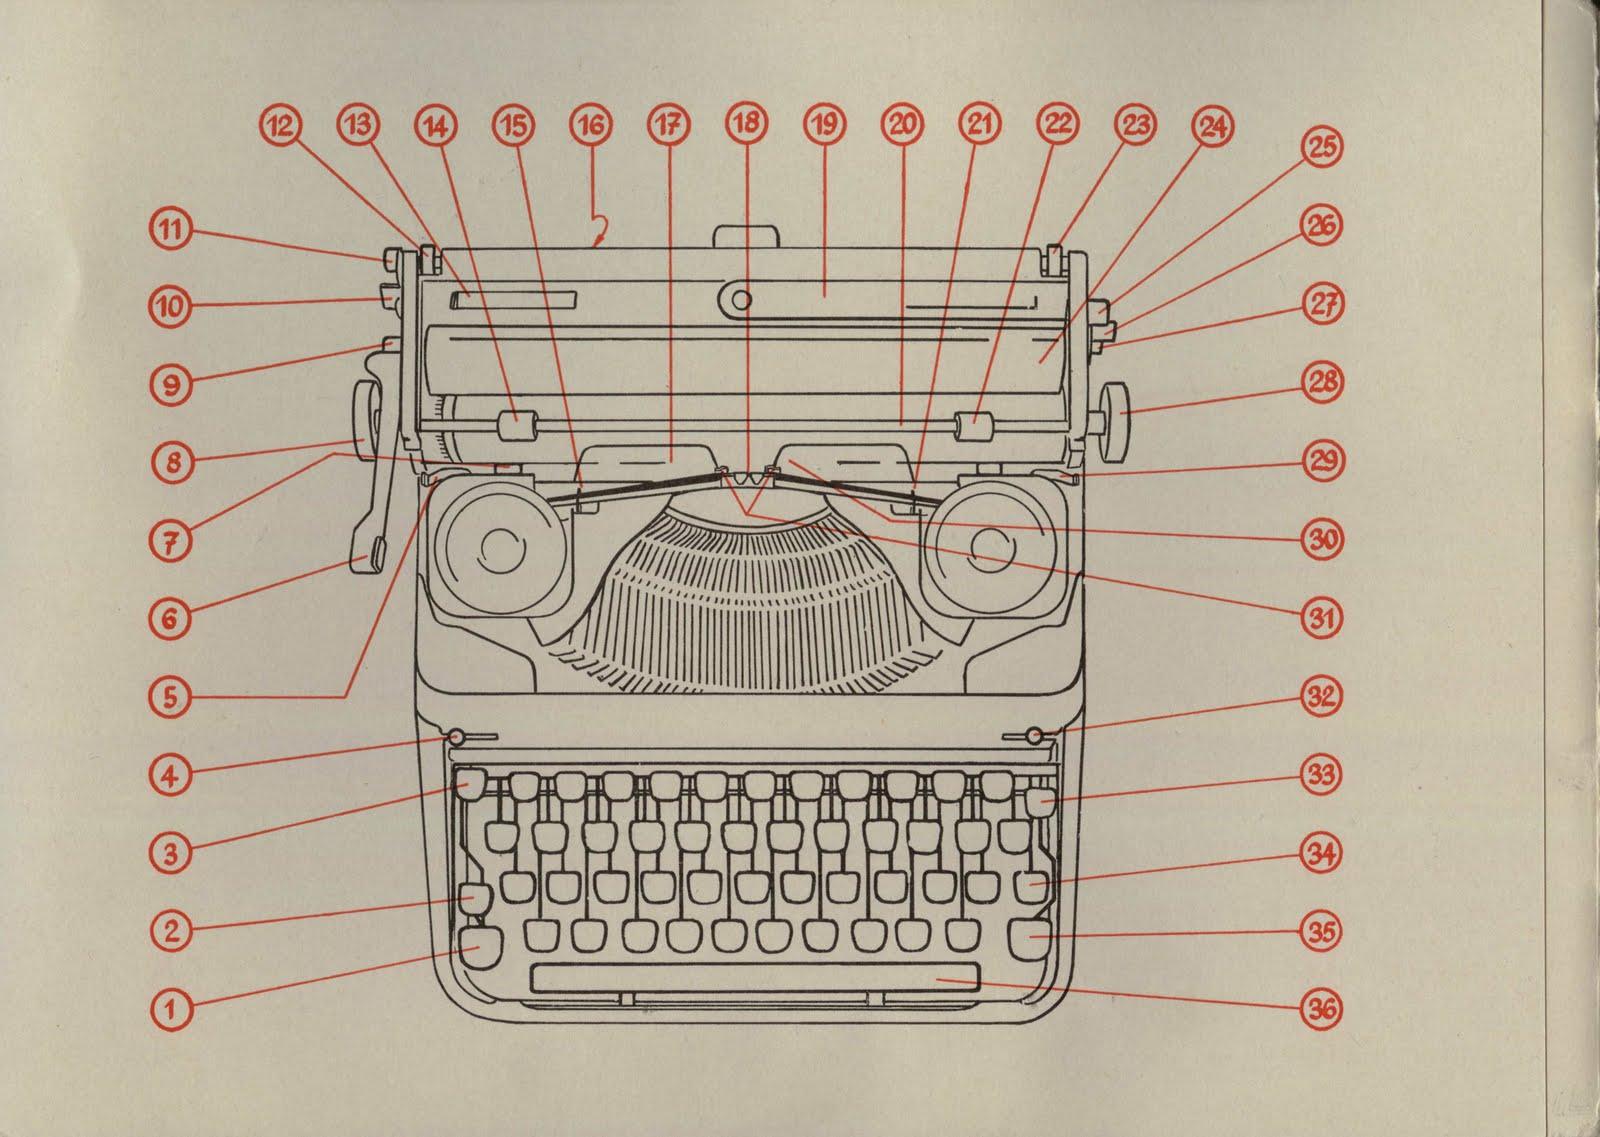 manual typewriter diagram 1999 sportster wiring retro tech geneva ephemera hermes 2000